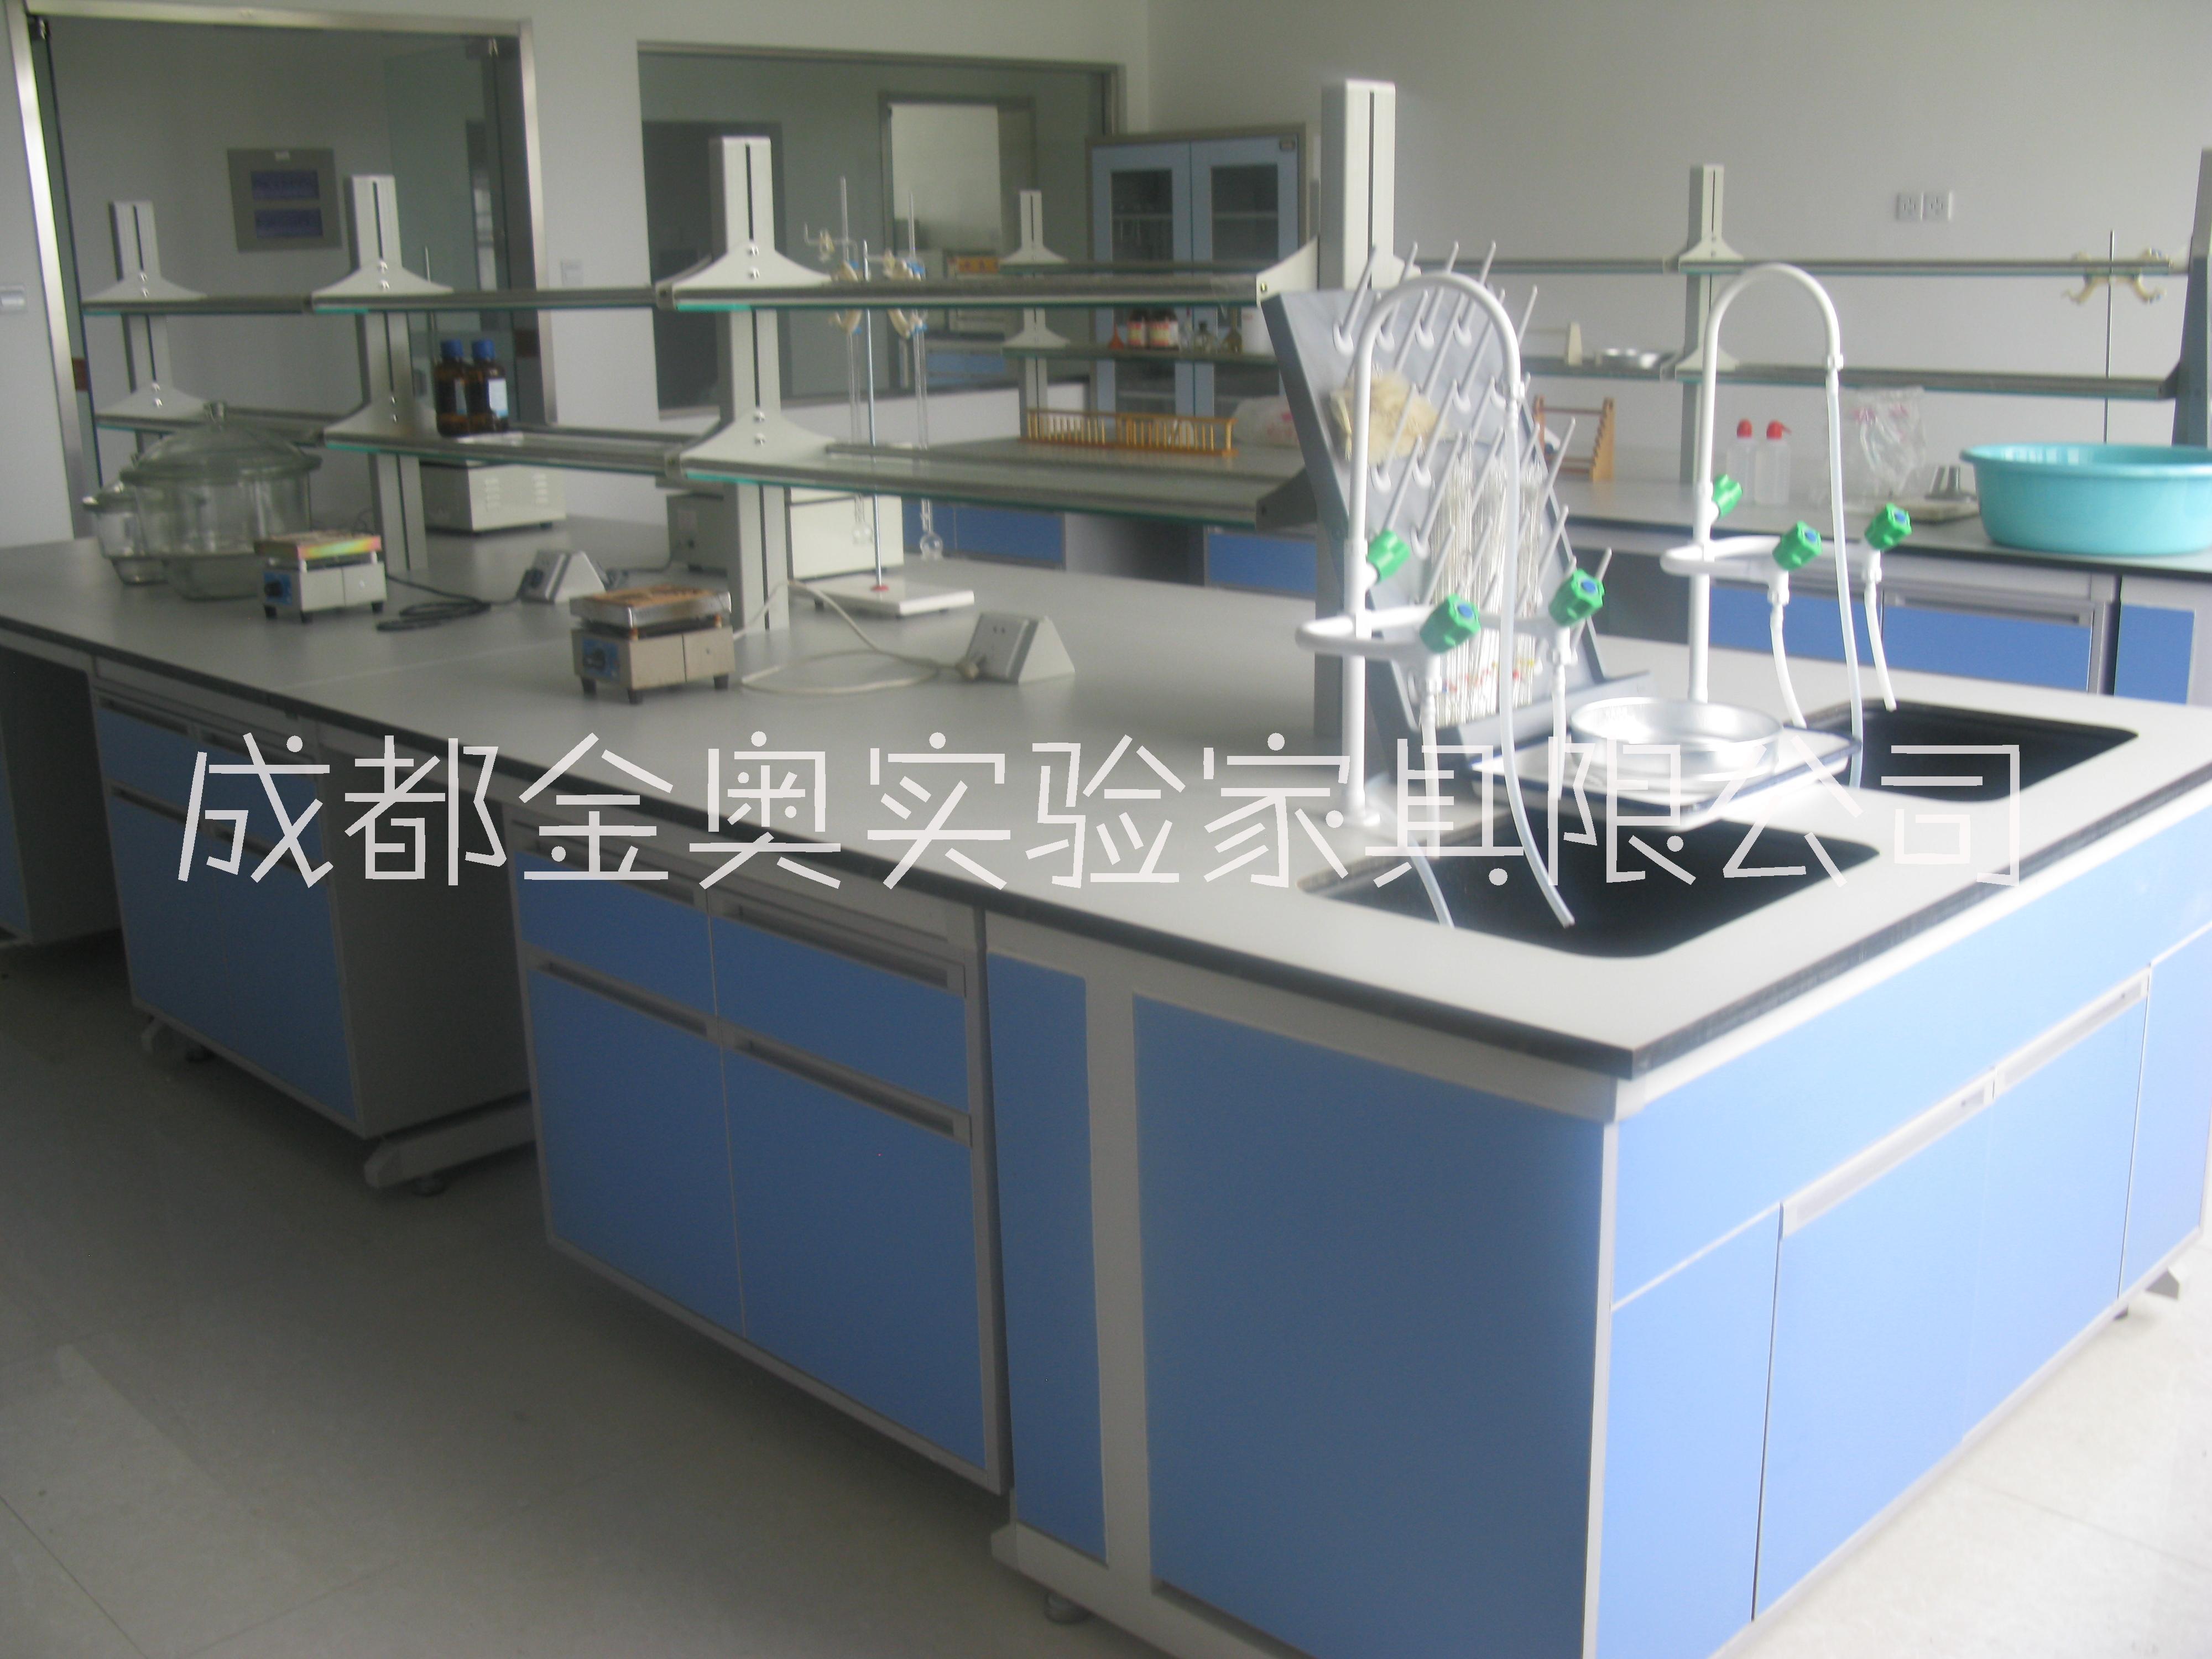 成都实验室建设装修 成都物理实验室设计 成都实验设备批发金奥